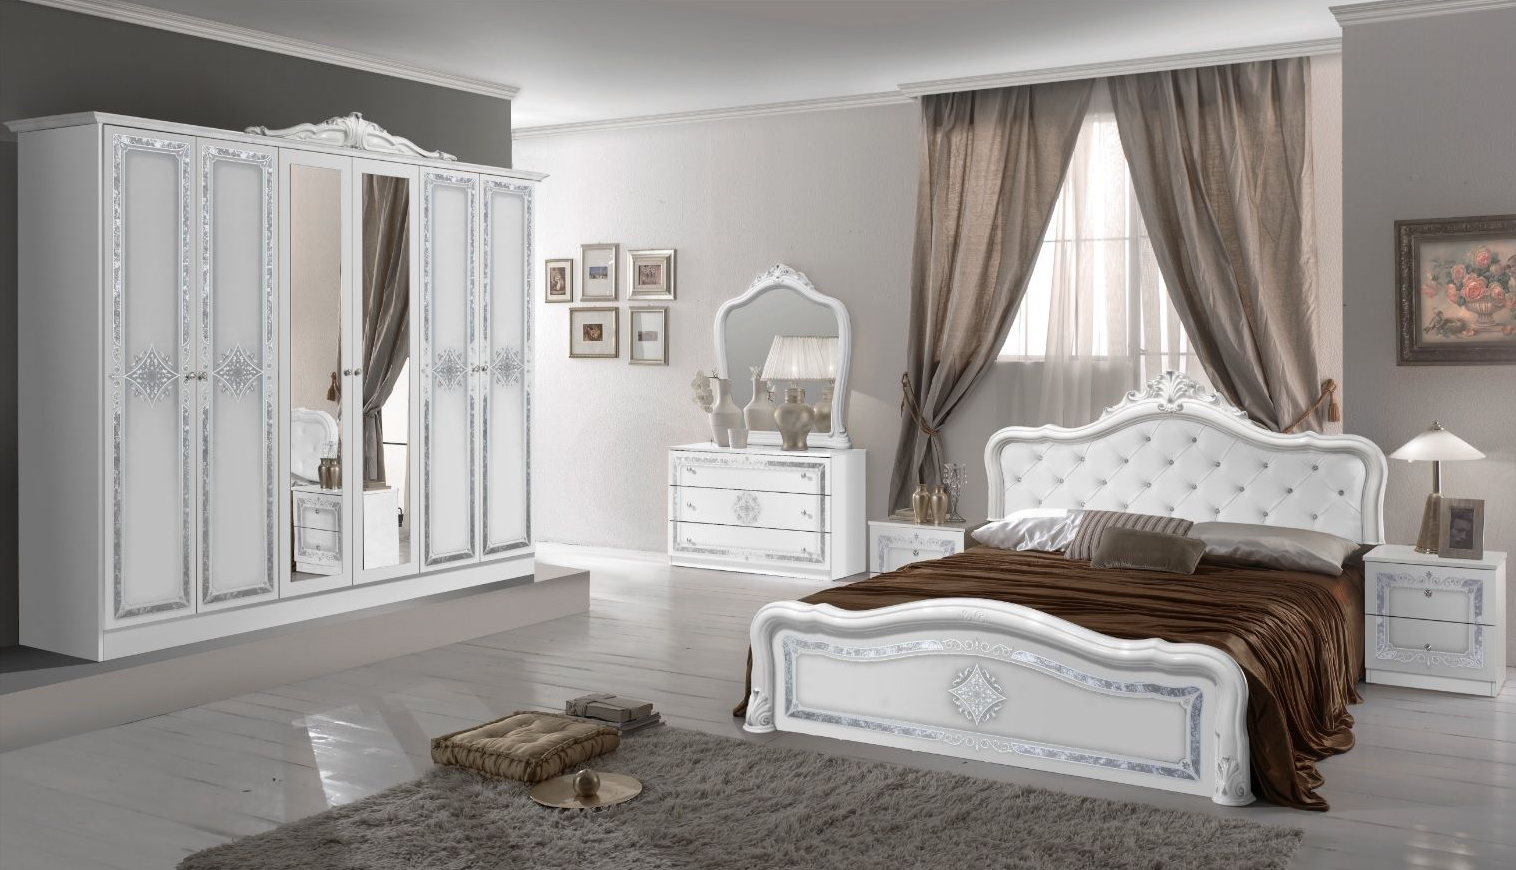 bett lucy 180x200 cm in weiss k niglich polsterung im kopfteil le lu tap nec rb 180white. Black Bedroom Furniture Sets. Home Design Ideas